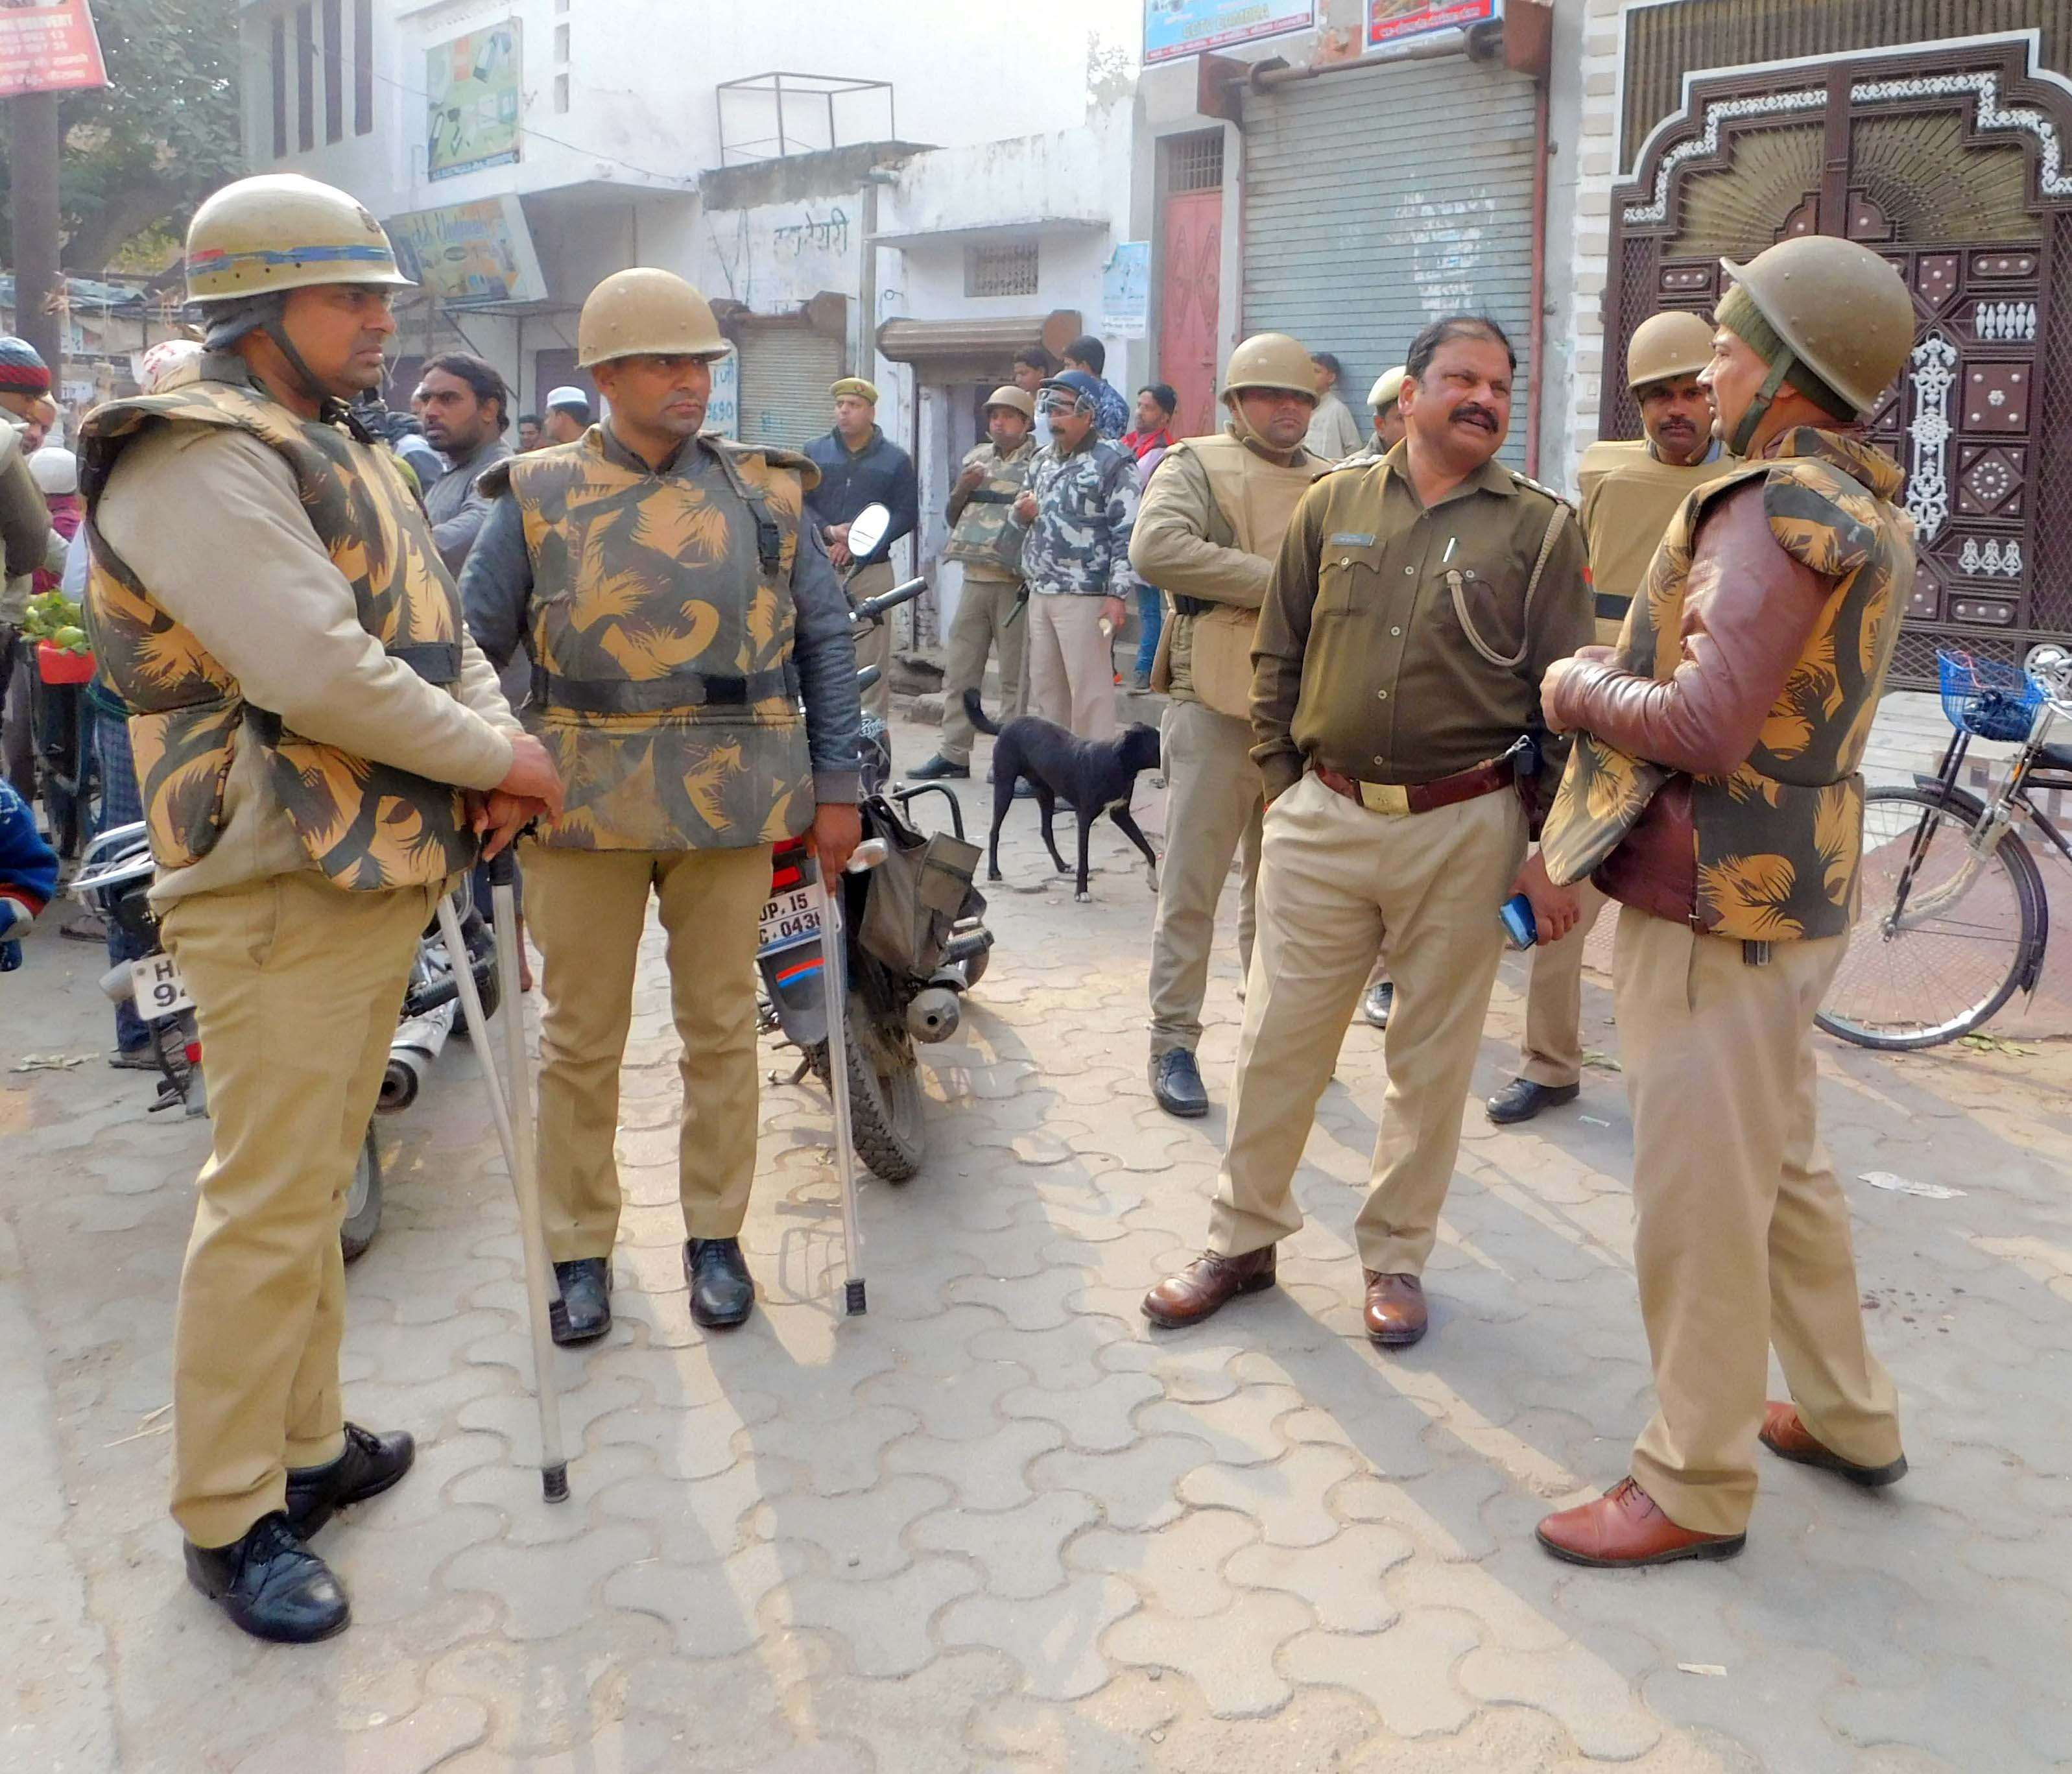 कैराना इमाम गेट के पास तैनात कोतवाली प्रभारी तथा पुलिस कर्मी